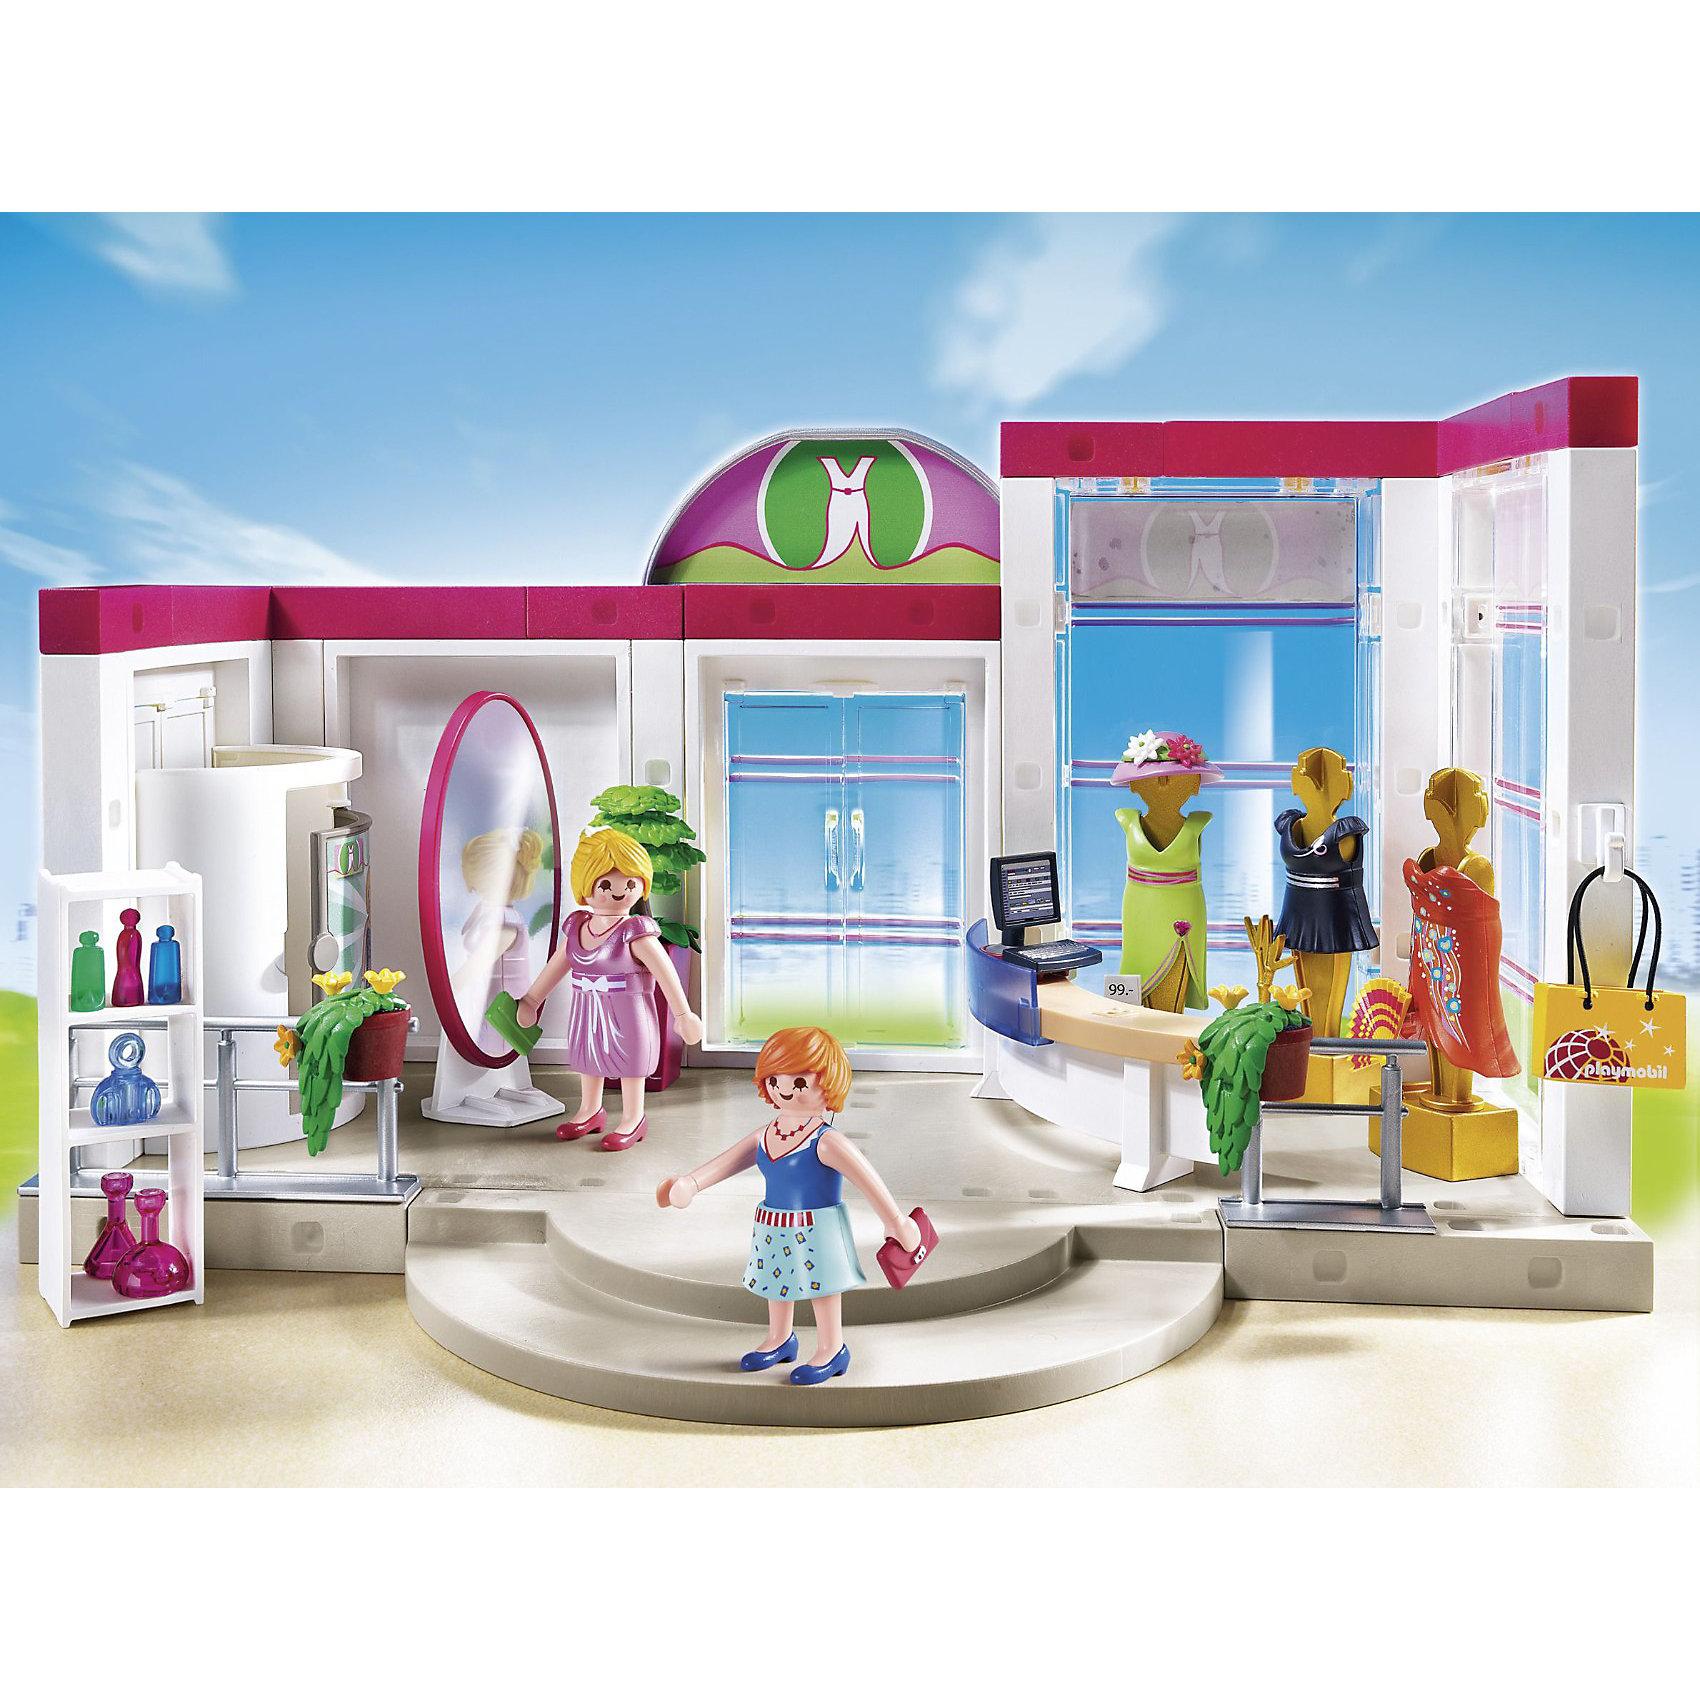 PLAYMOBIL® Бутик с одеждой и гардеробной, PLAYMOBIL конструктор playmobil модный бутик девушка в летнем наряде 6882pm